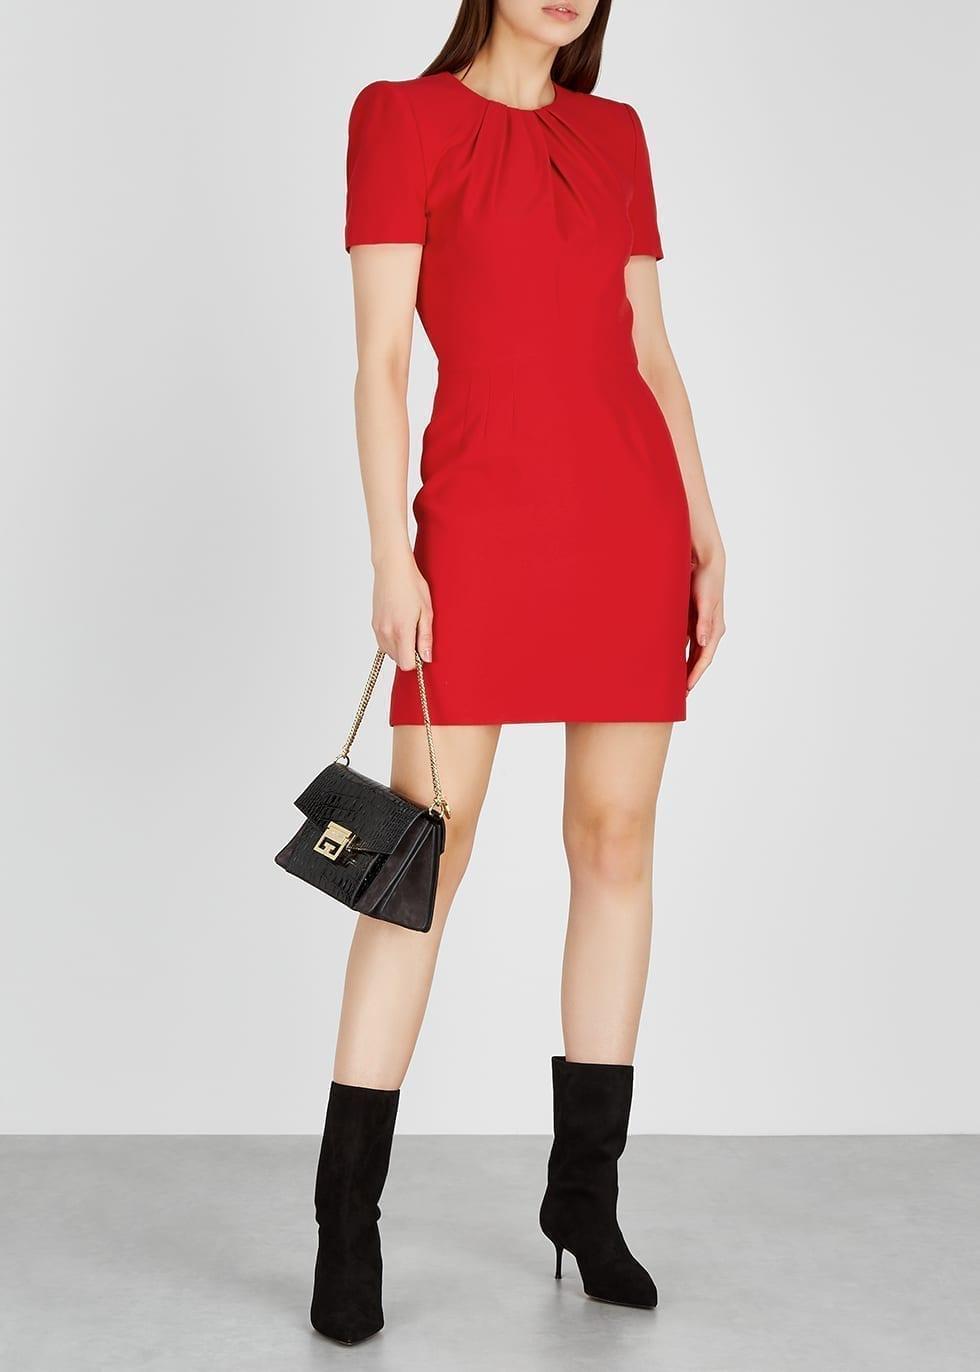 ALEXANDER MCQUEEN Red Crepe Dress